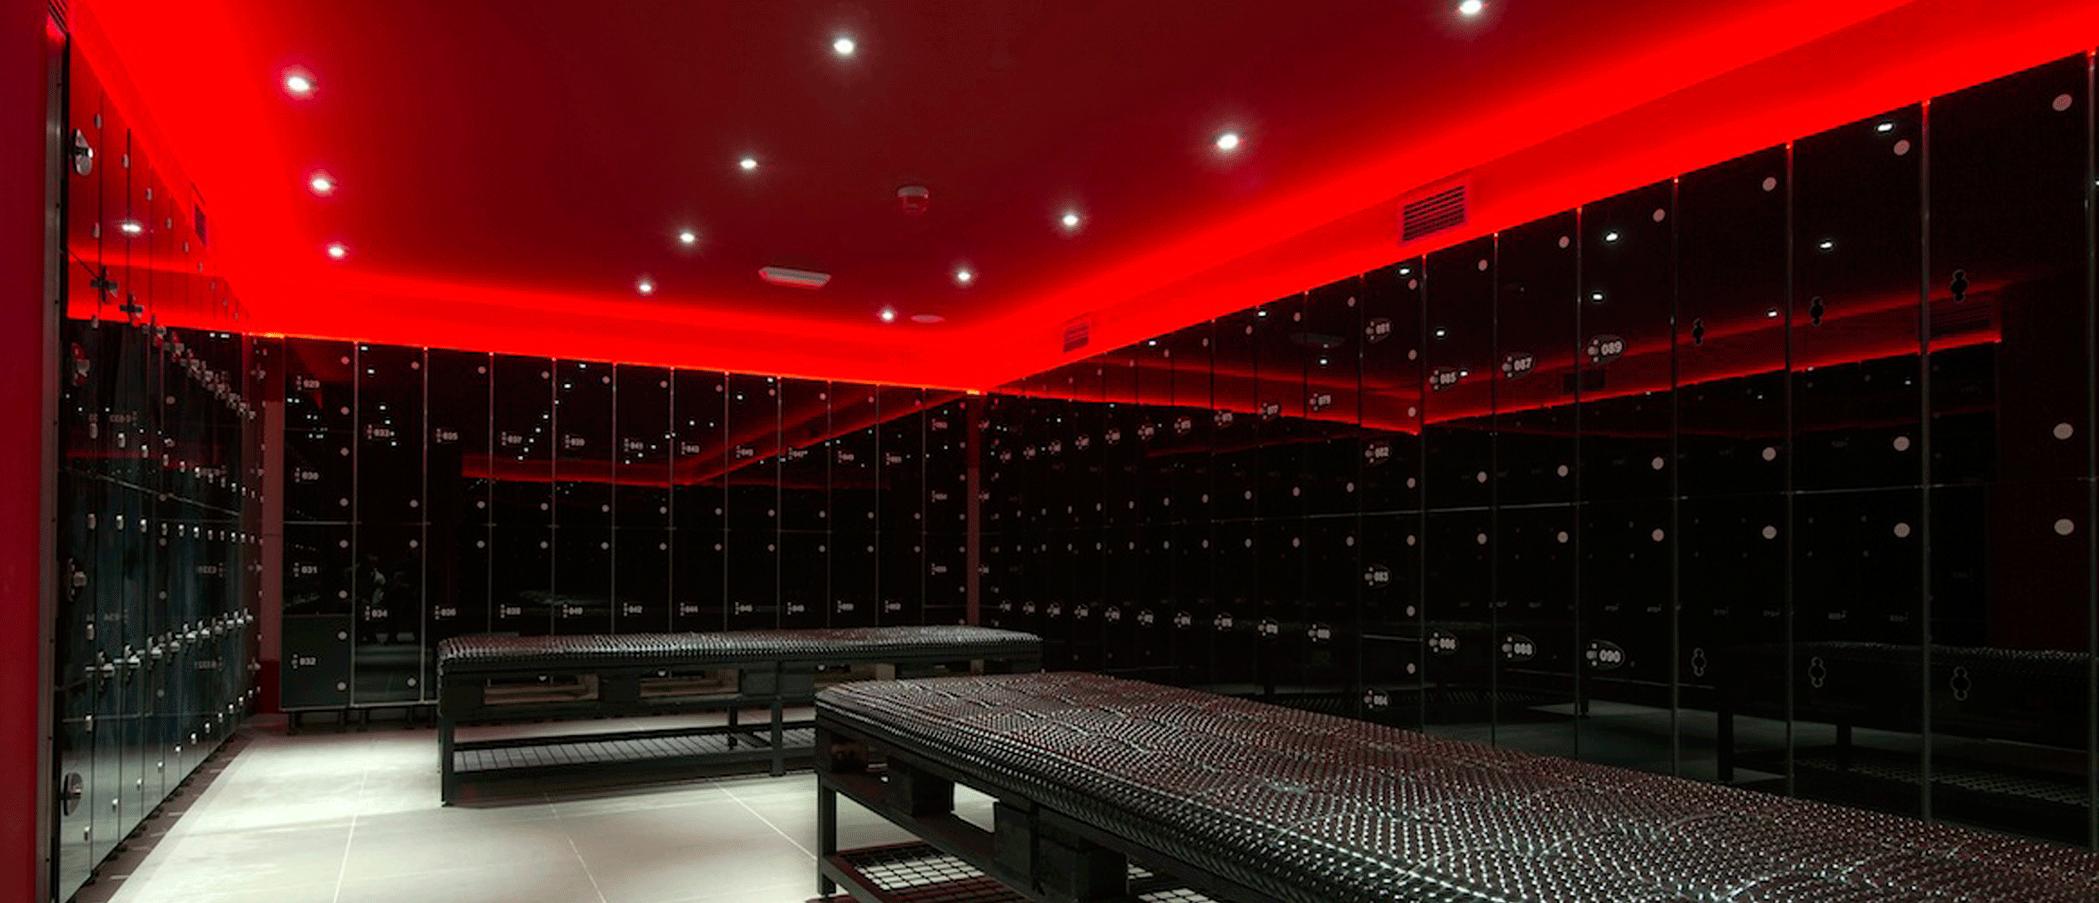 galeria-serrano-instalaciones